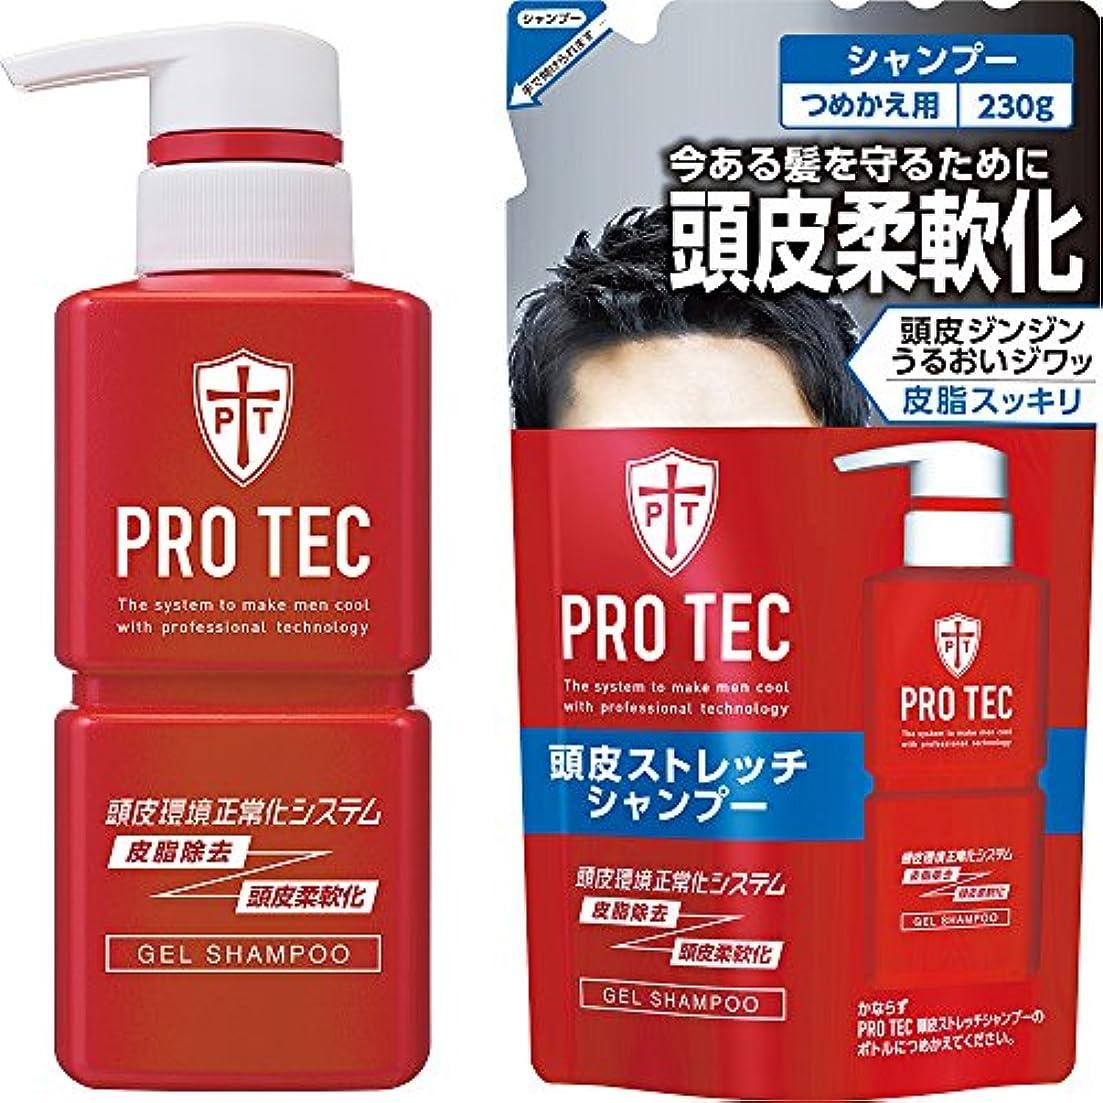 座標笑曲線PRO TEC(プロテク) 頭皮ストレッチシャンプー 本体ポンプ300g+詰め替え230g セット(医薬部外品)